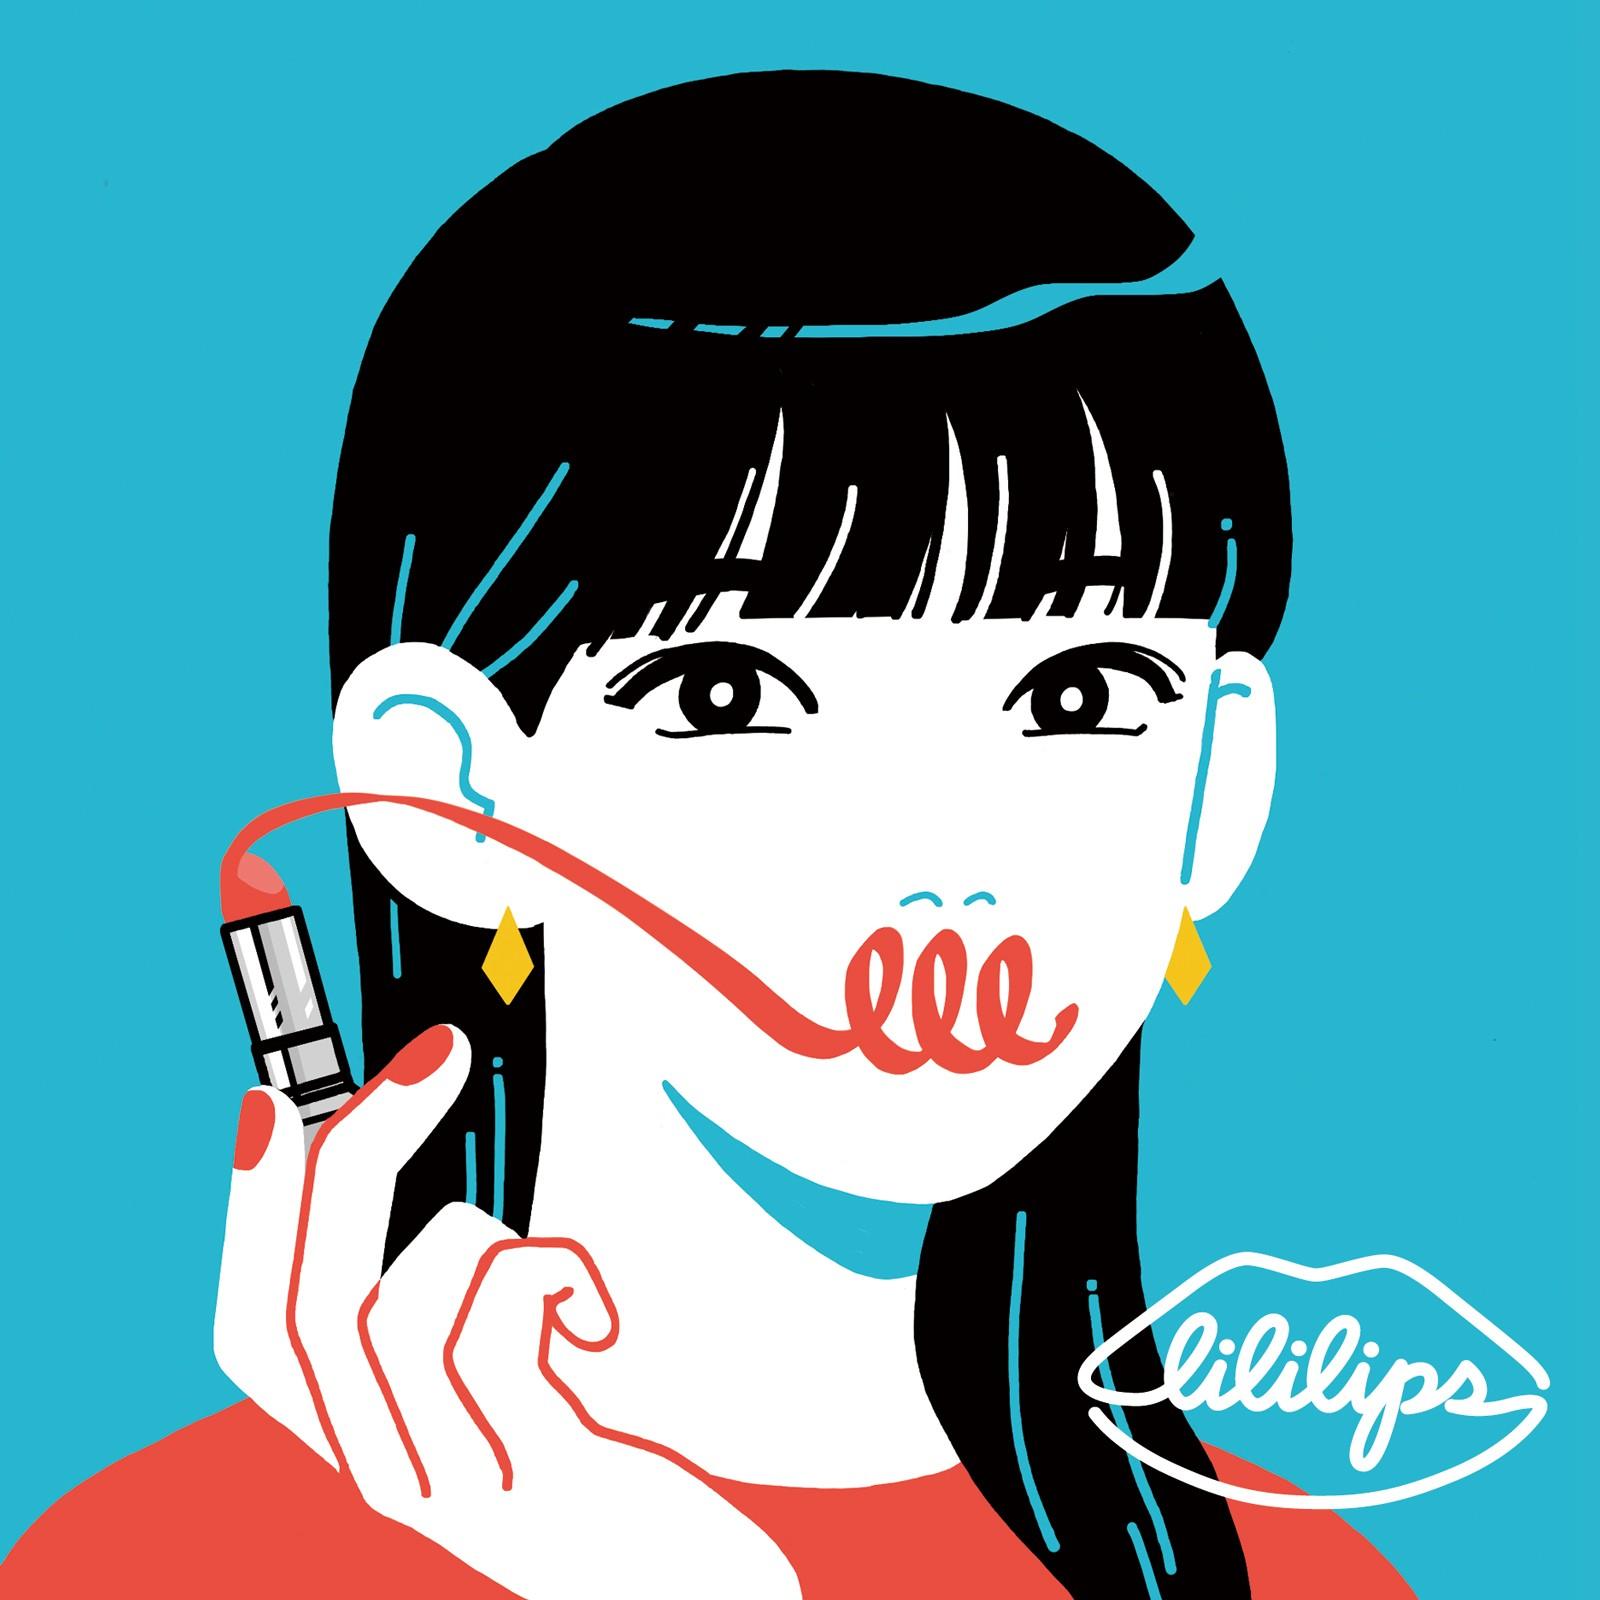 Lililips (リリリップス) – ちょっと工夫でこのうまさEP [MP3 320 / CD] [2018.07.04]